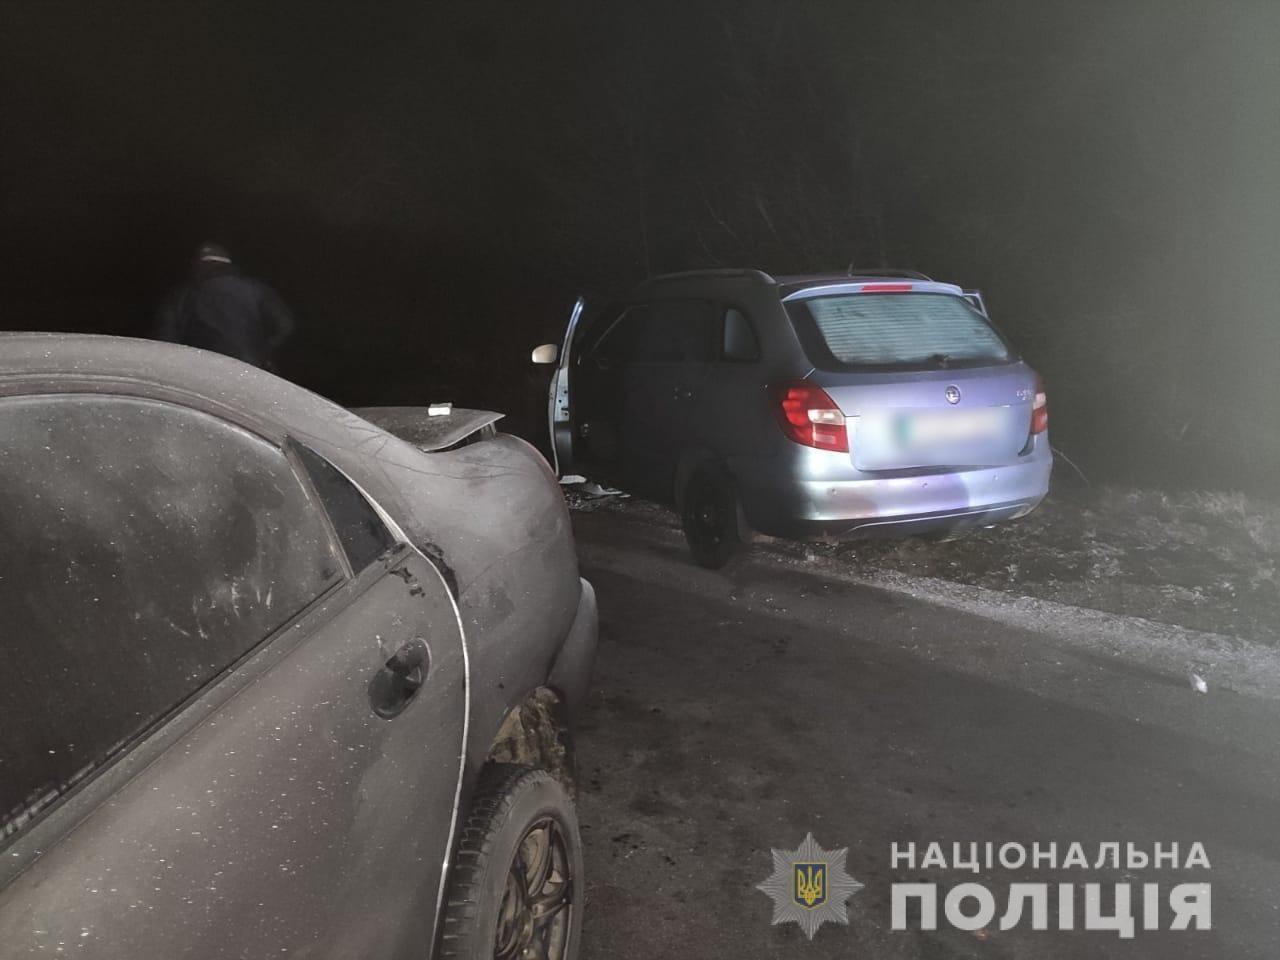 У Фастівському районі в ДТП постраждали п'ятеро людей - Поліція, автомобілі - 134956857 3644201385635007 6409260993636822921 o